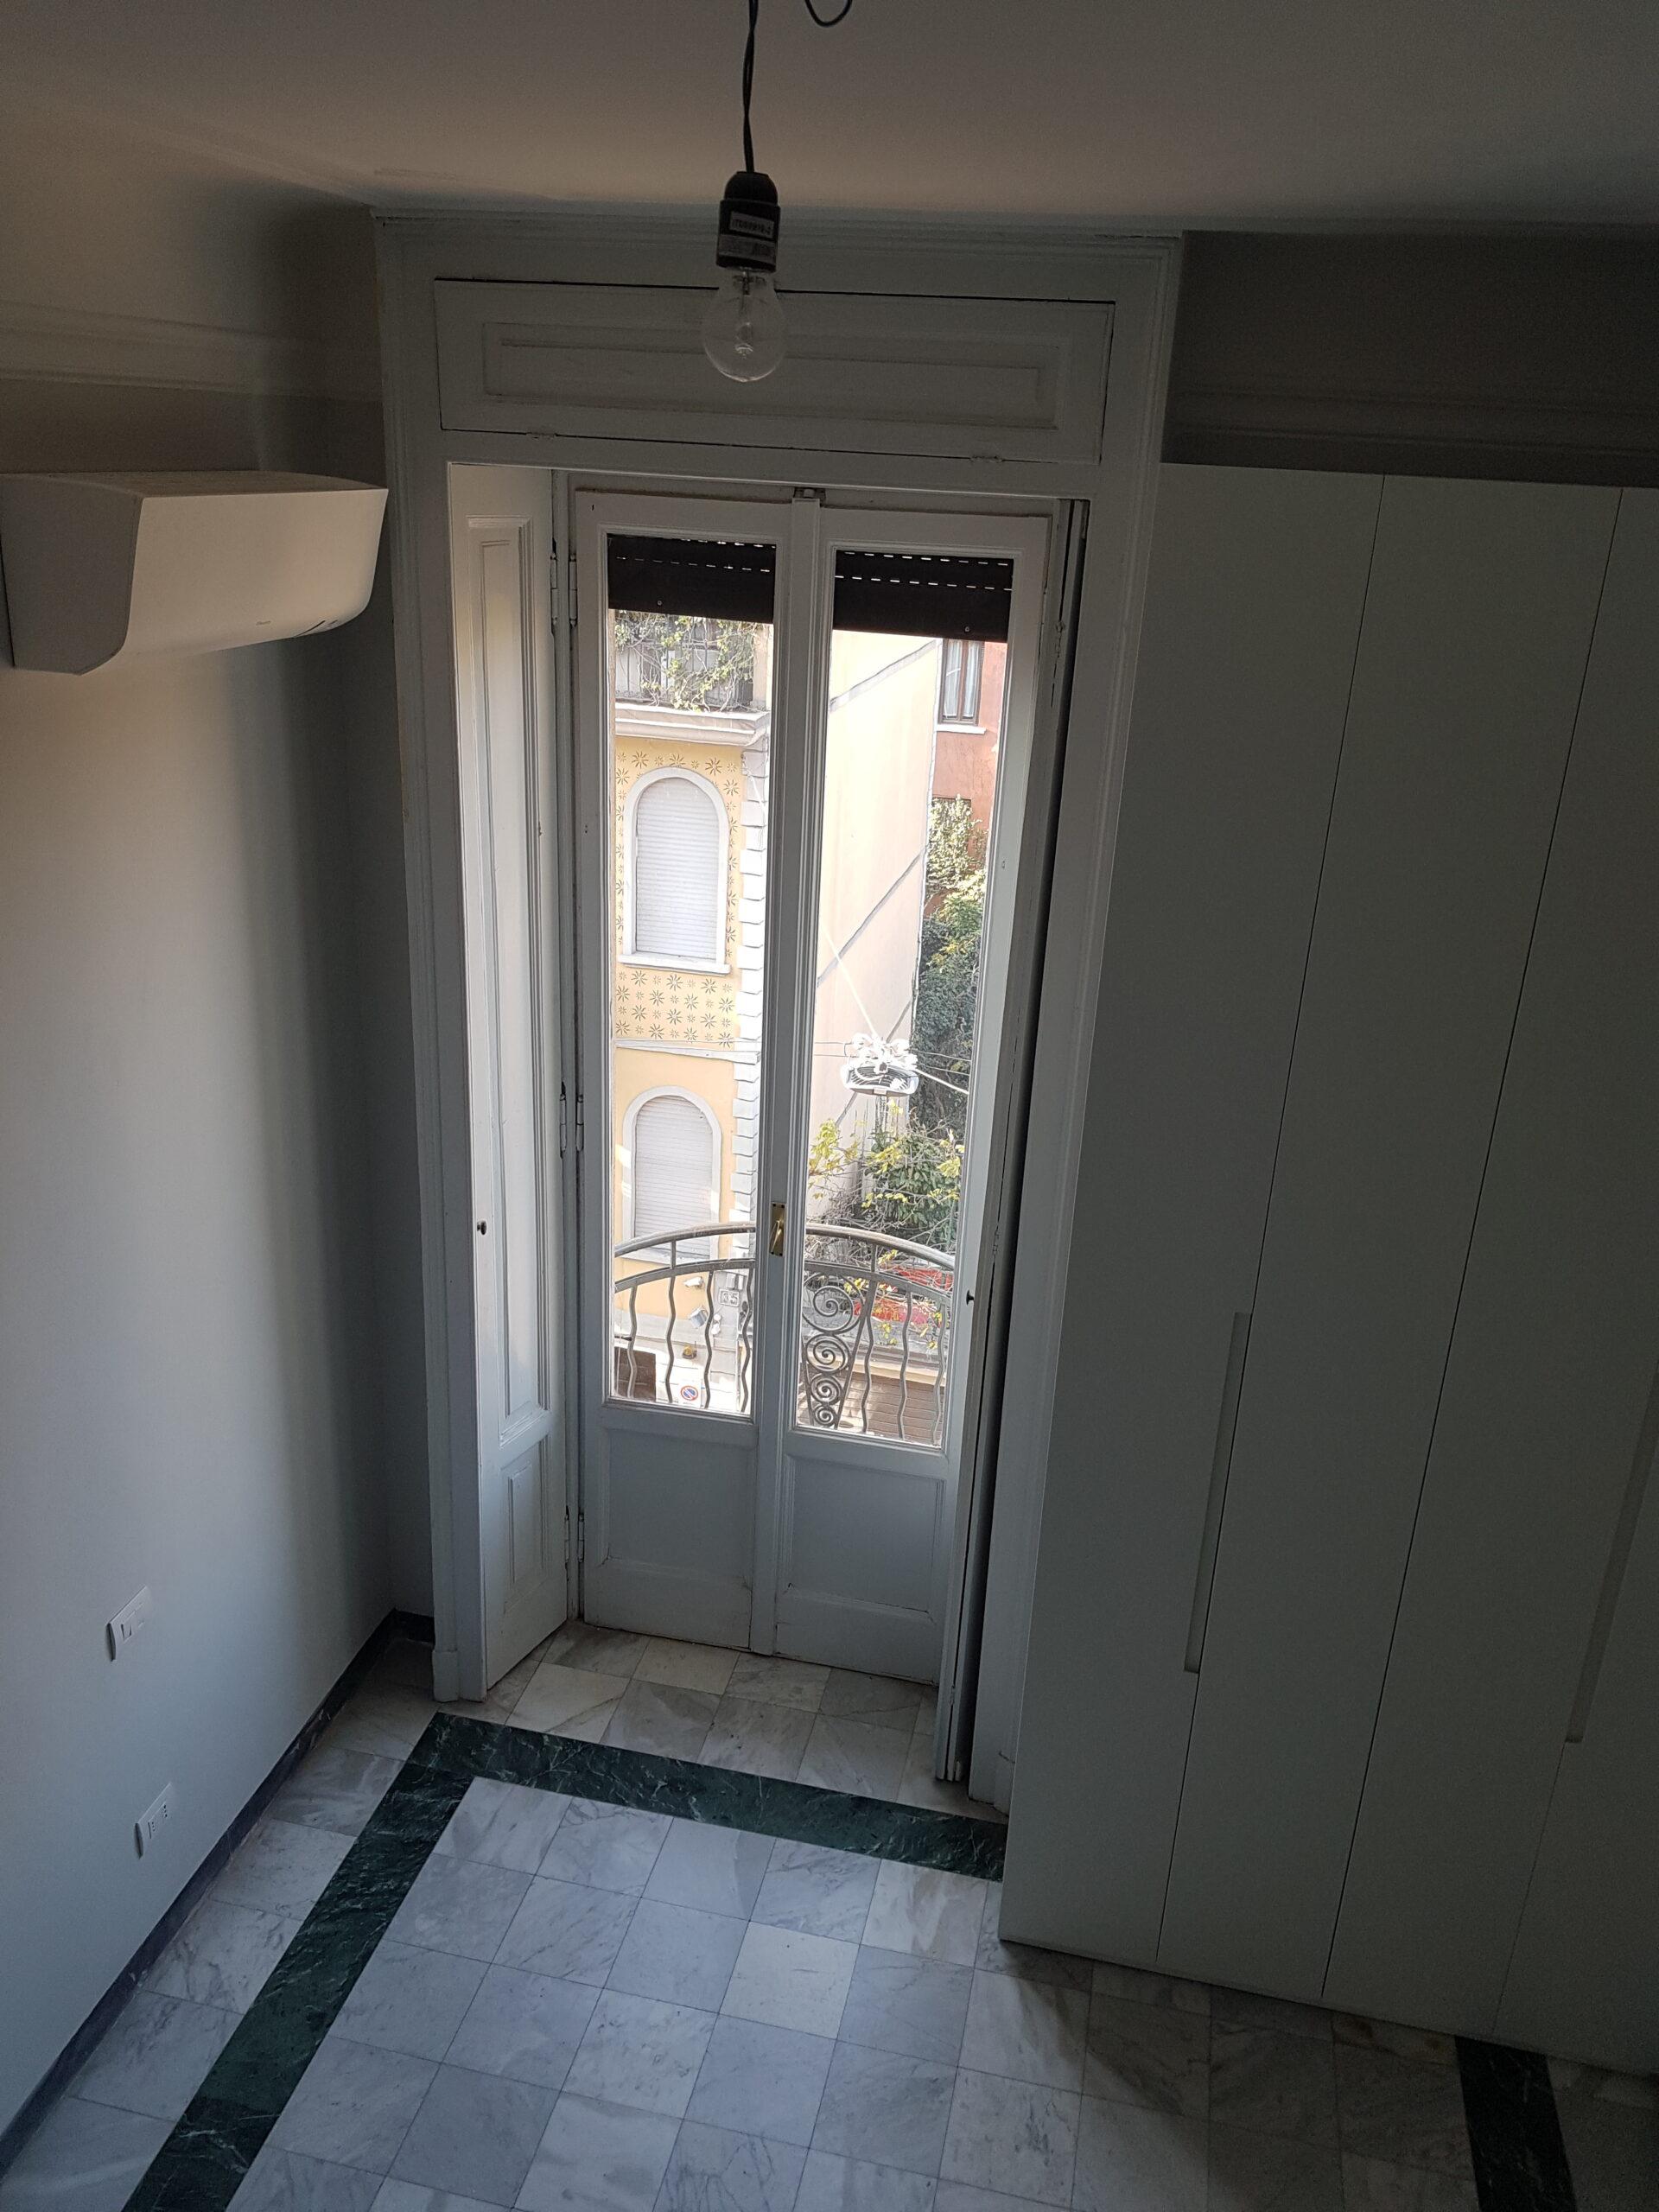 1. Particolare porta finestra con imbotte in legno laccato, pavimento in piastrelle di marmo con perimetro in lastre di marmo nero e illuminazione a soffitto: lavori in corso.